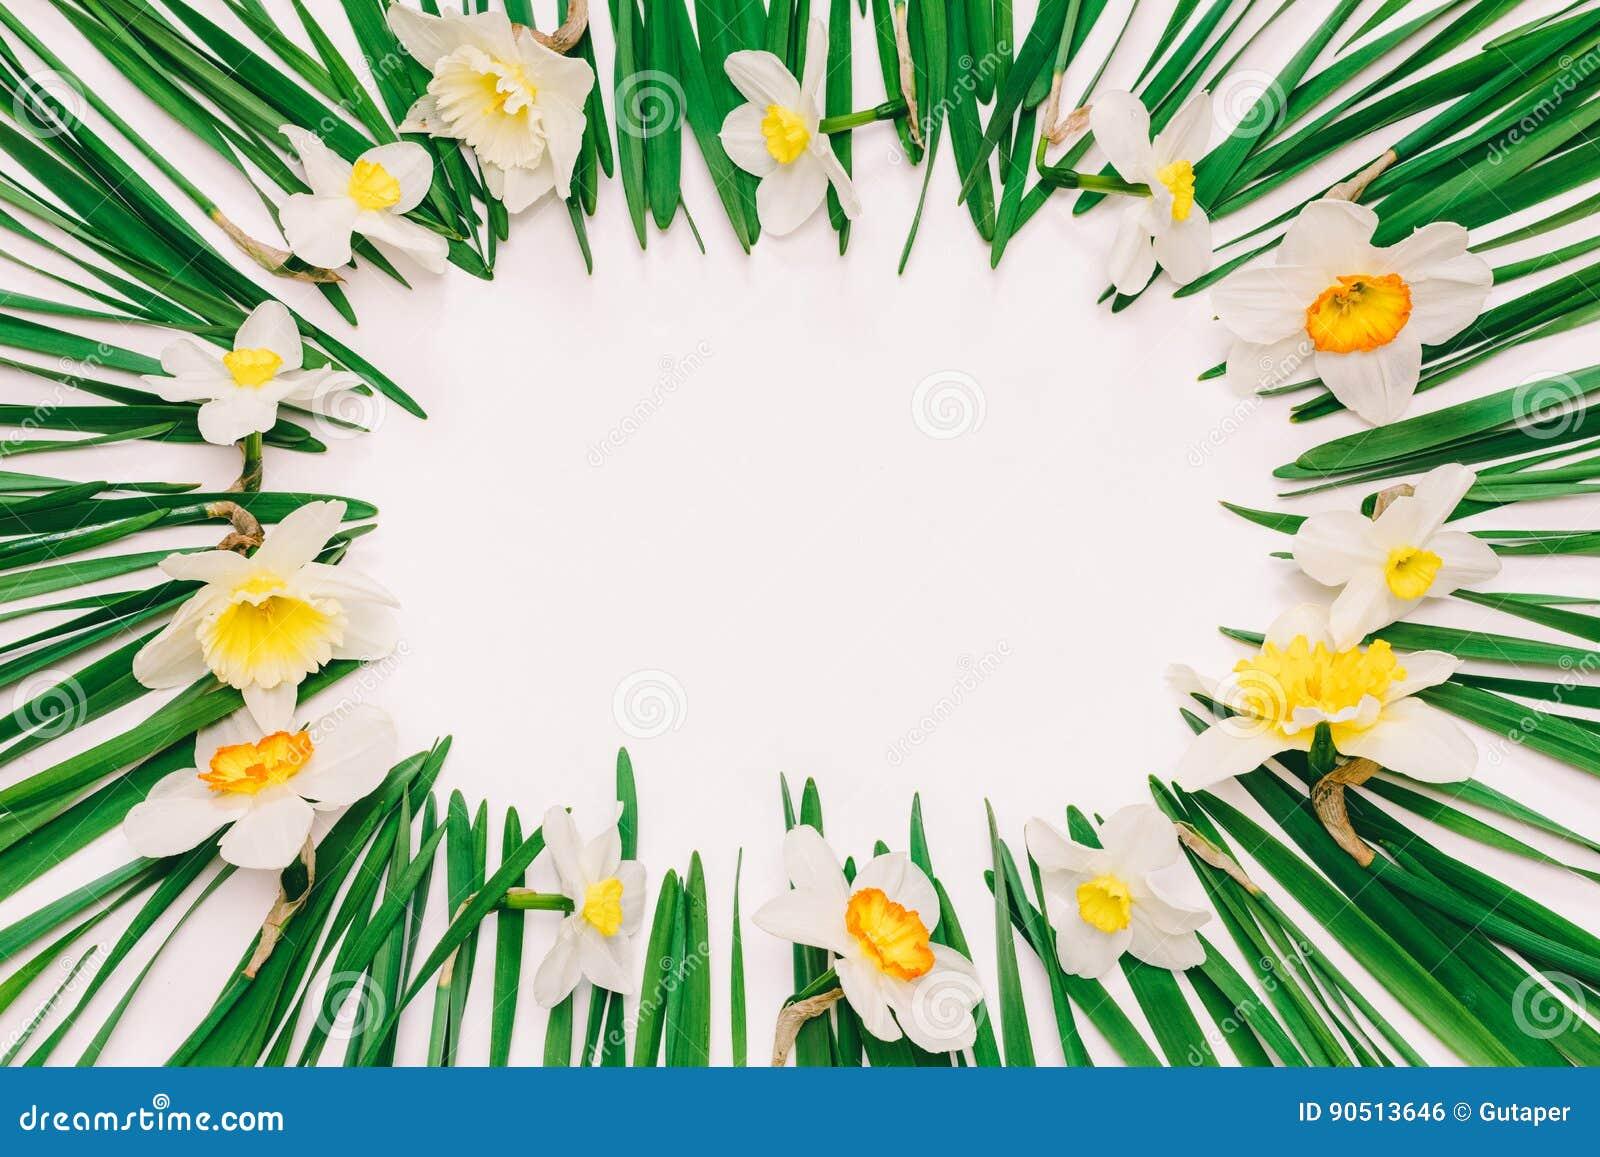 Marco Floral De La Primavera De Flores Y De Hojas Verdes